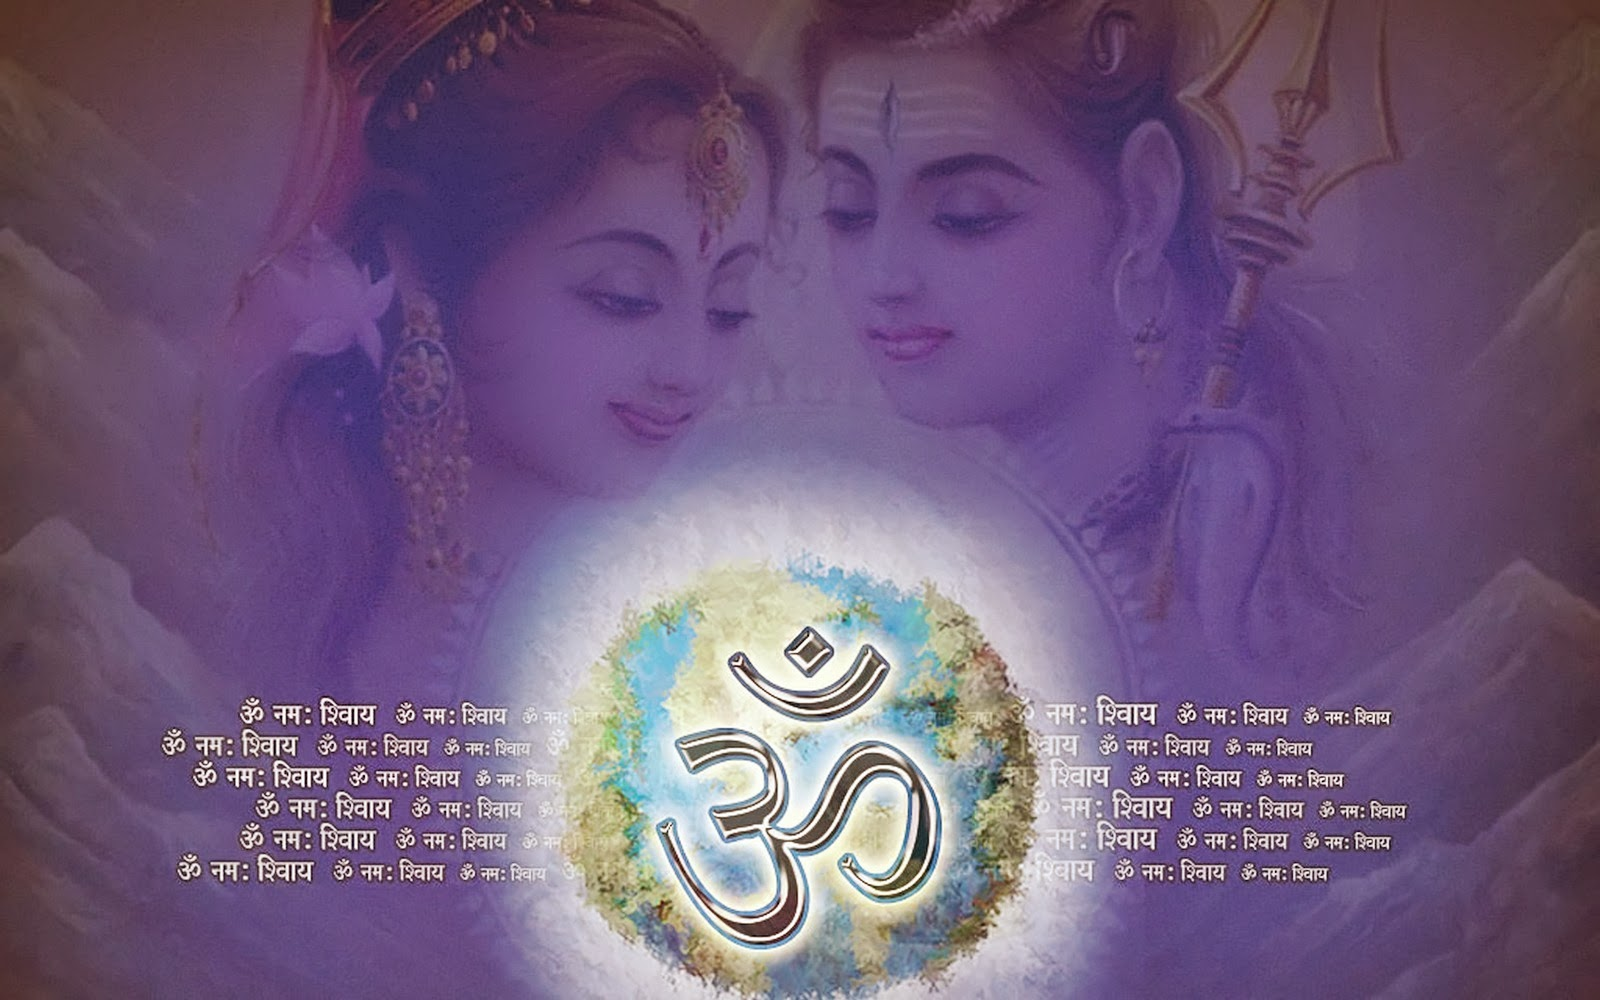 High Definition Of Mahadev Wallpaper Download: Har Har Mahadev And Parvati Ji Om HD Wallpaper